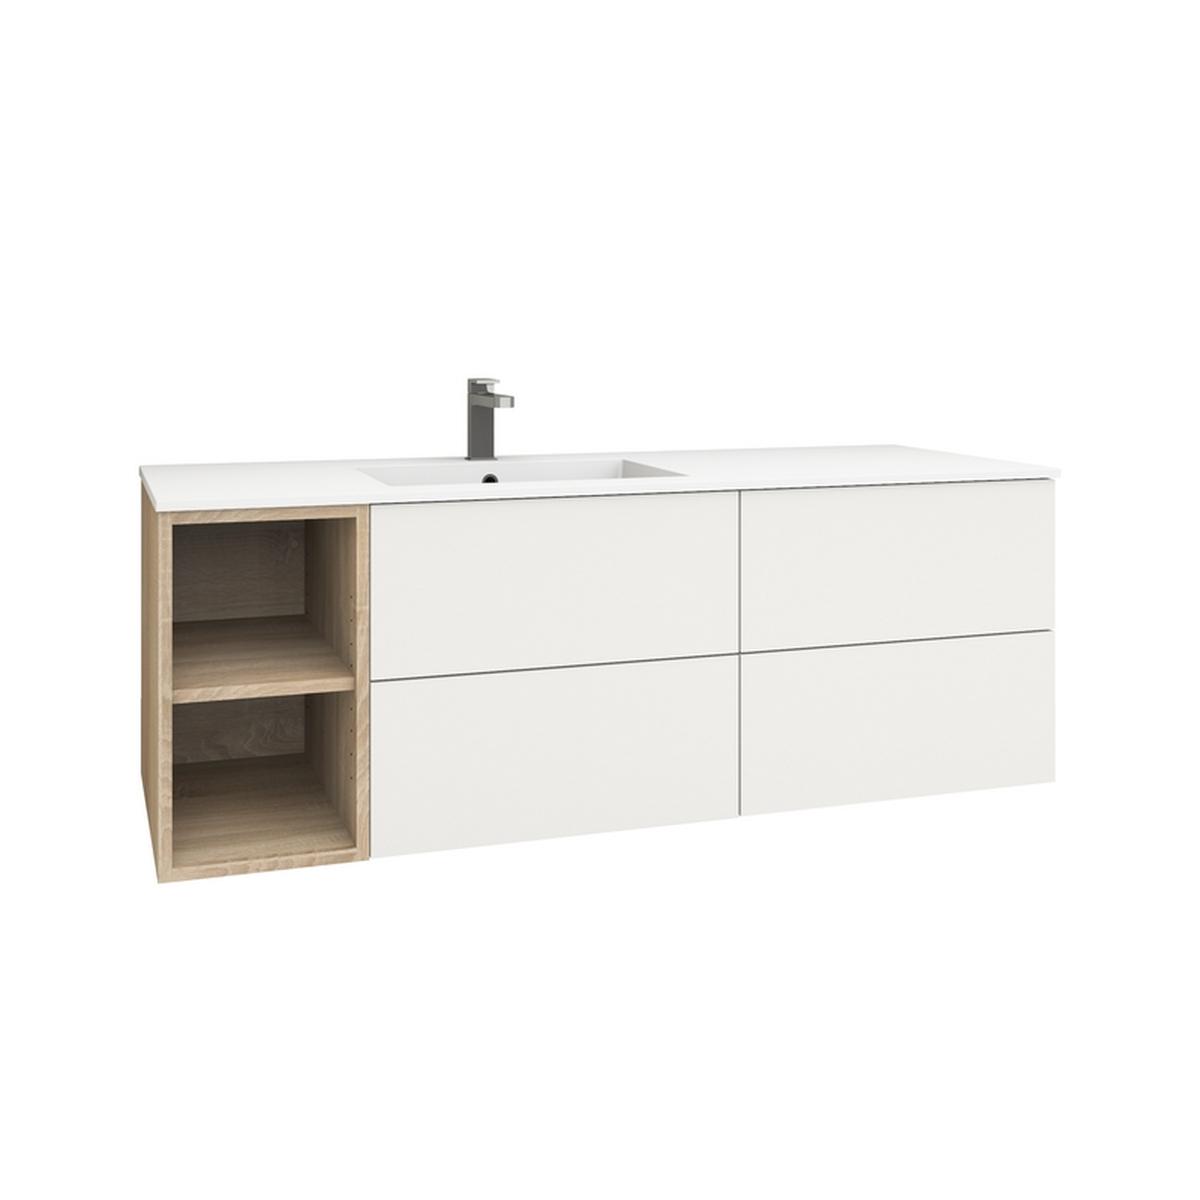 levanto 150l waschtisch regal 2 schubladen 2 ausz ge. Black Bedroom Furniture Sets. Home Design Ideas